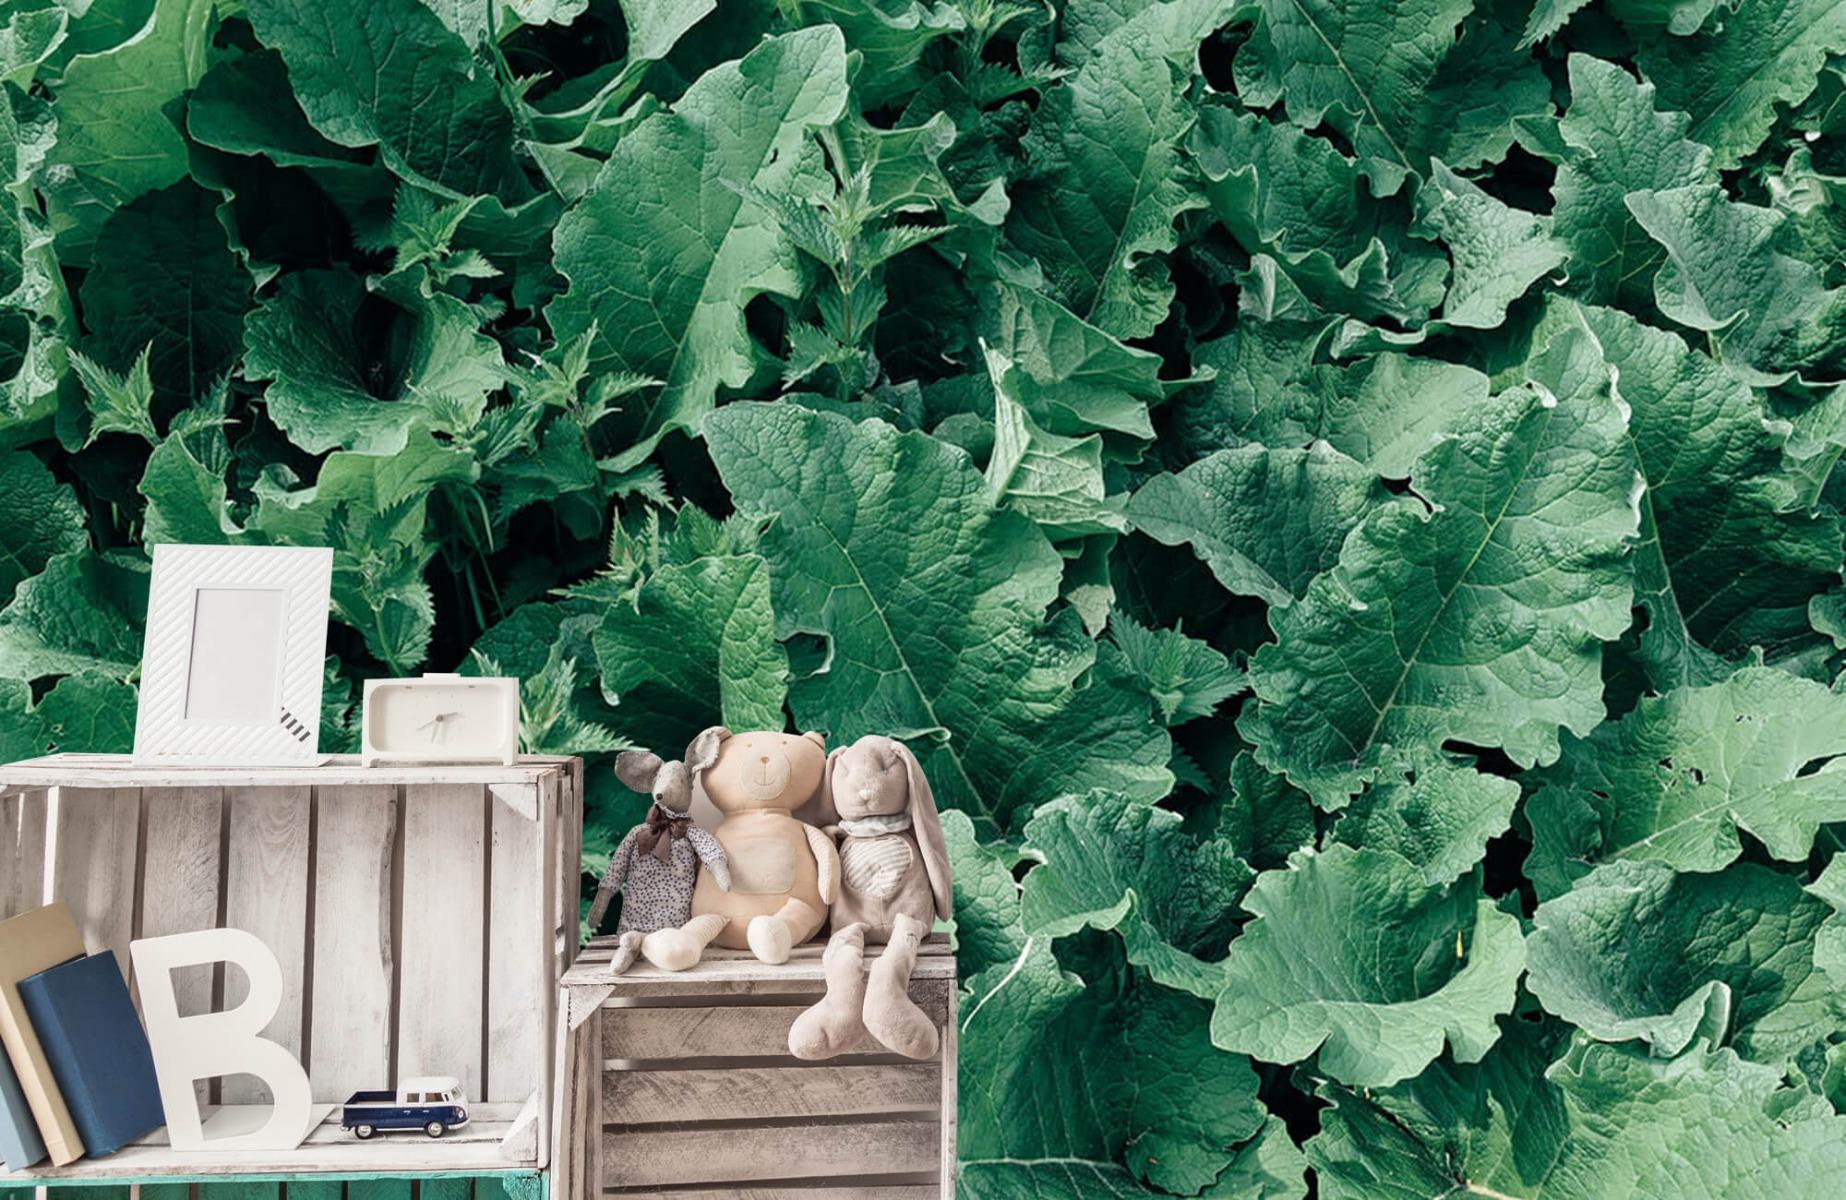 Bladeren - Gedetailleerd groen bladerdek - Wallexclusive - Slaapkamer 19